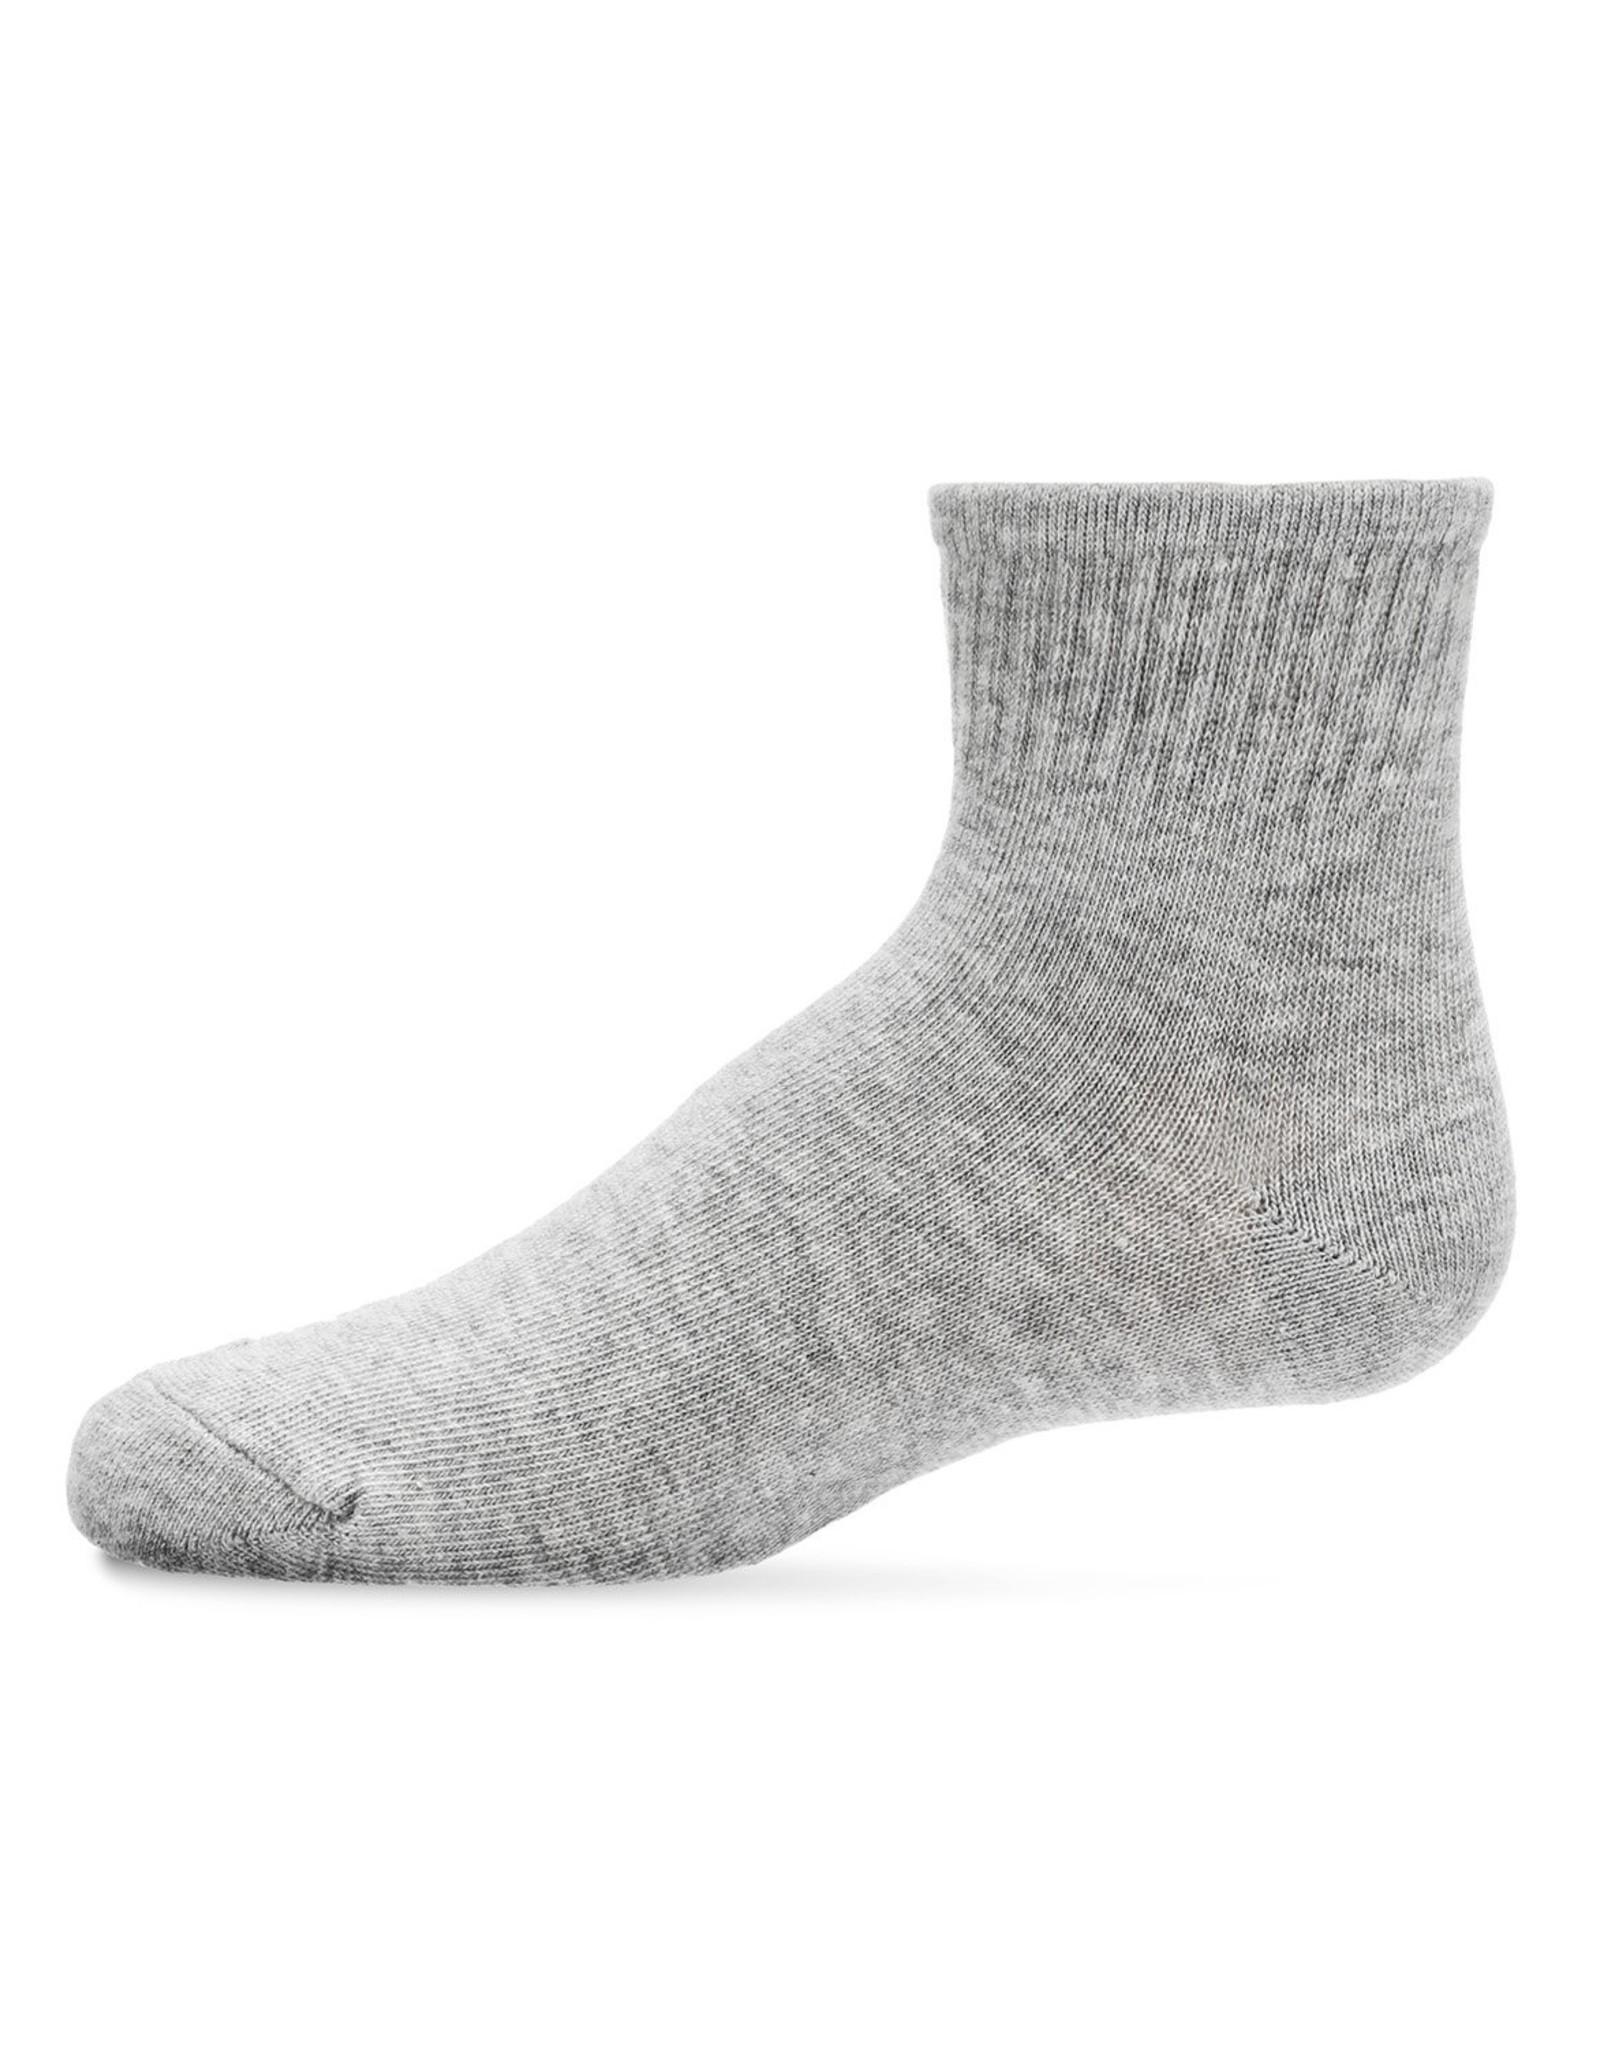 Memoi Memoi Ribbed Mid Cut Socks 3-Pack